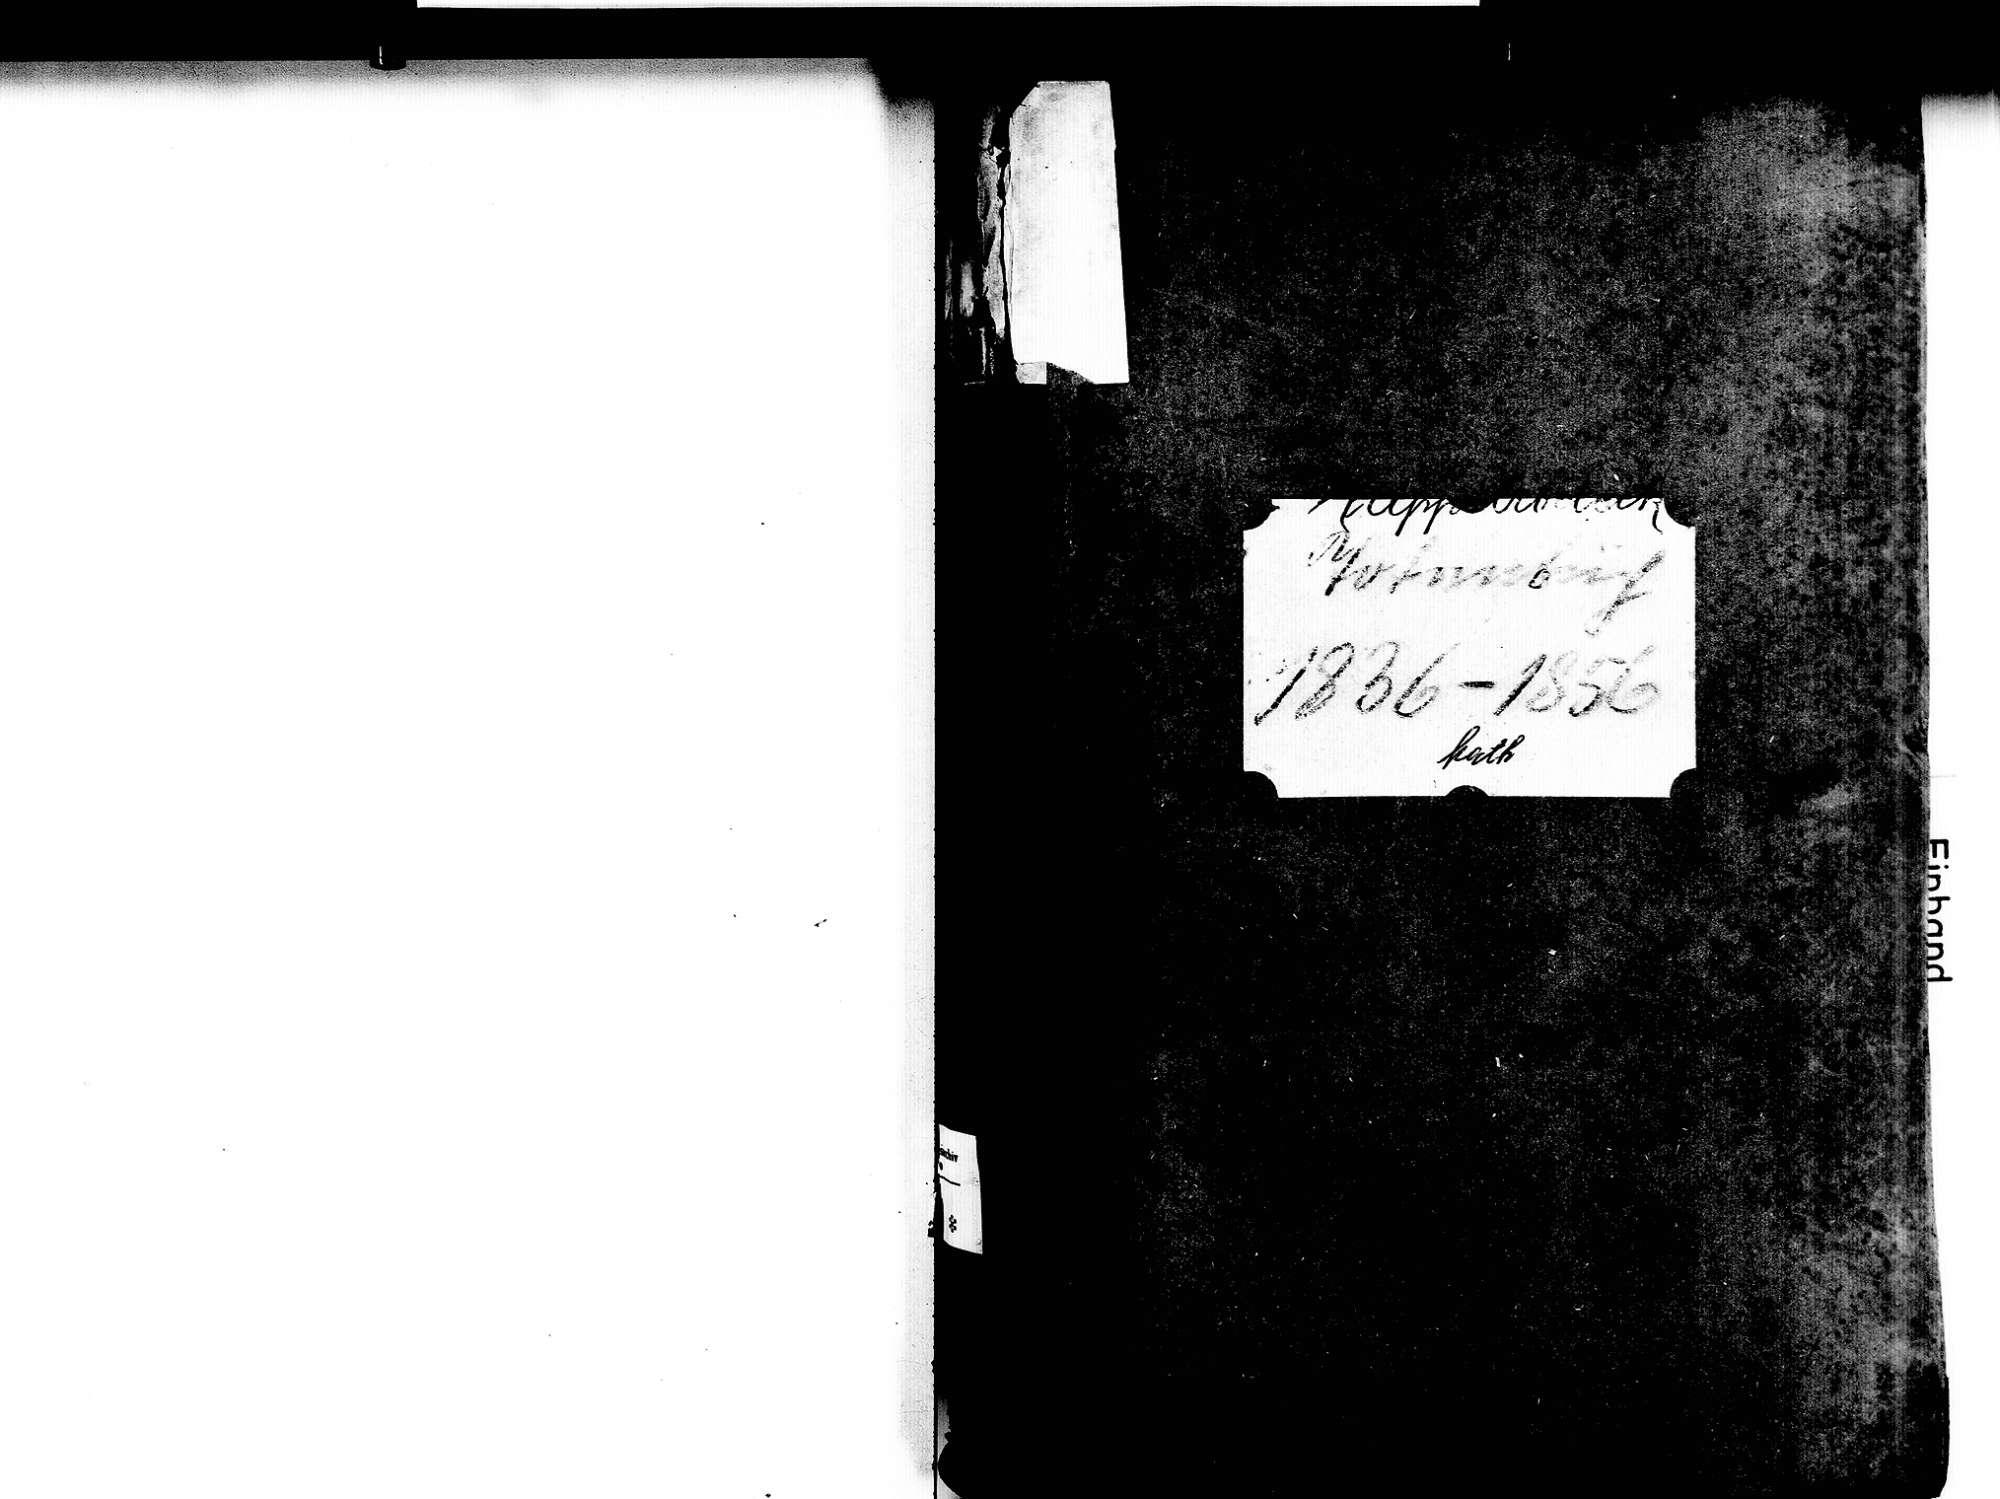 Kappelrodeck OG; Katholische Gemeinde: Sterbebuch 1836-1856, Bild 2